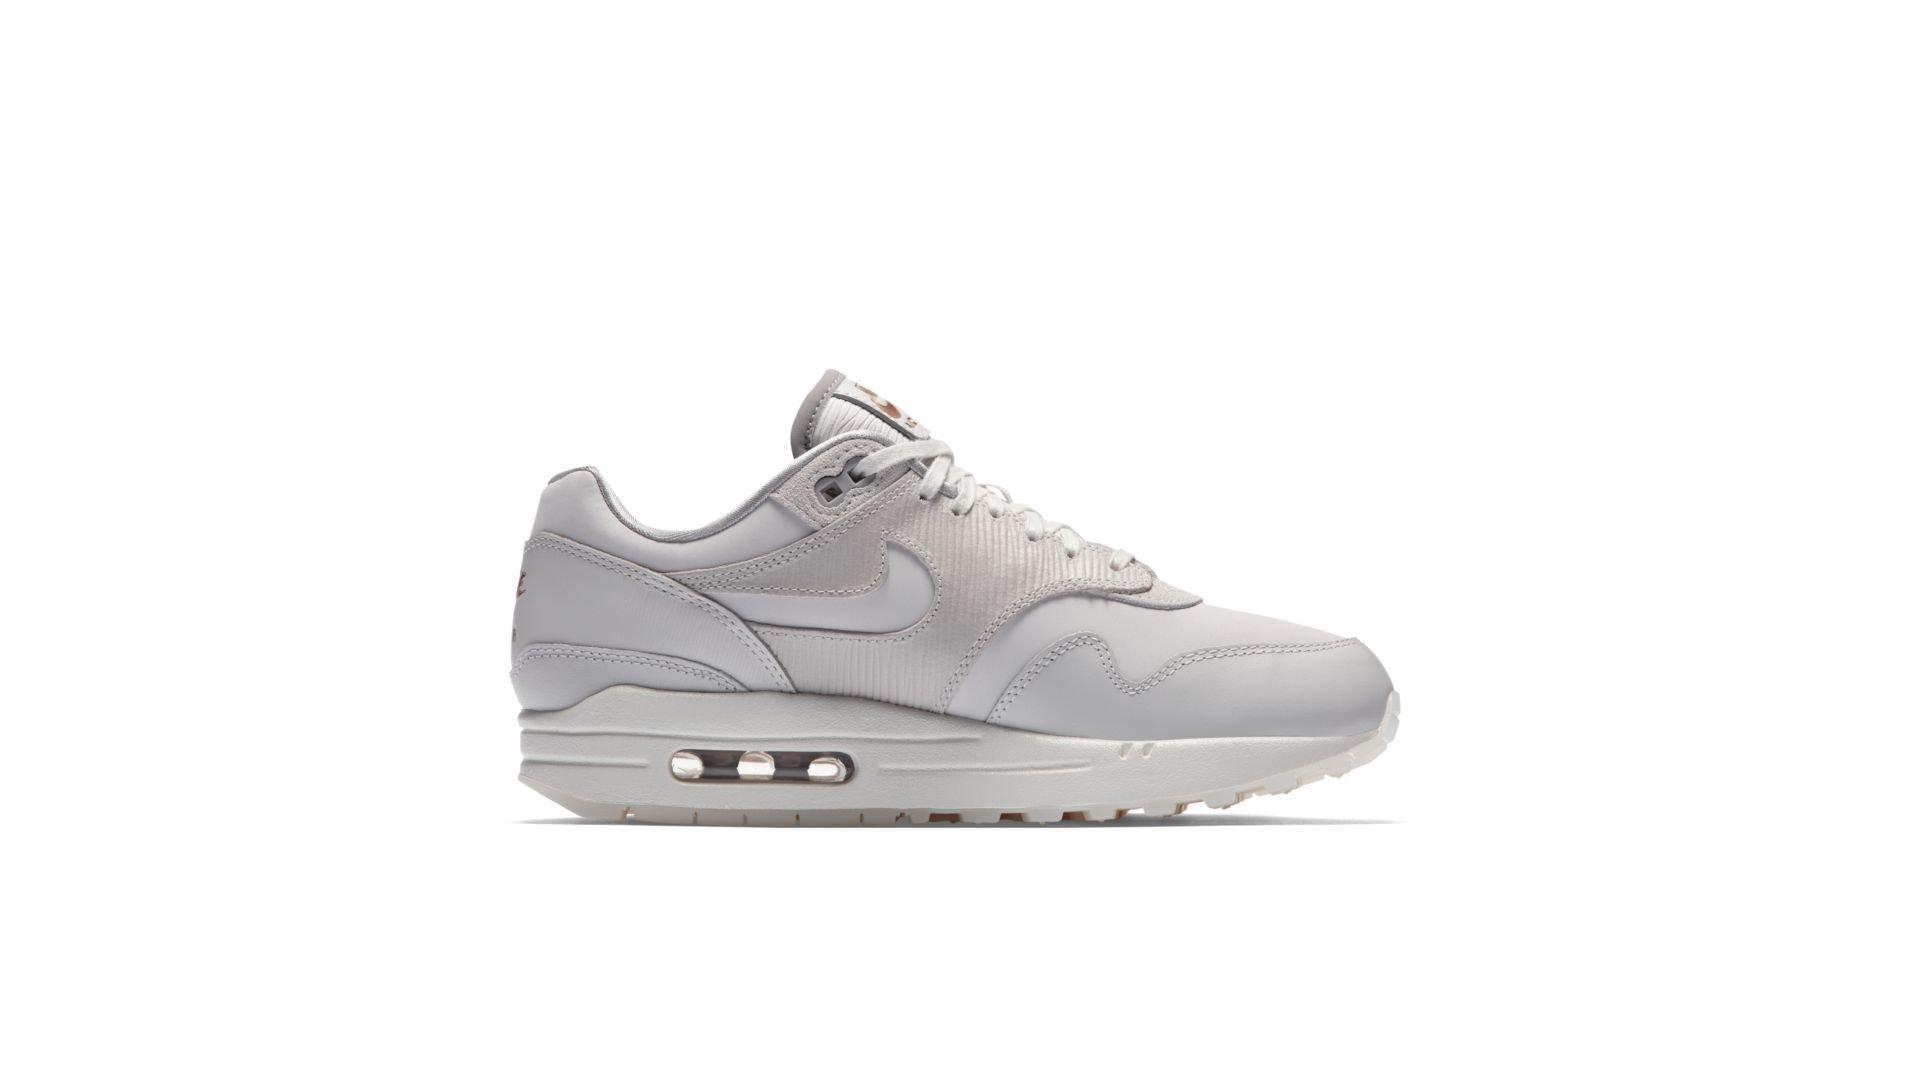 Nike Wmns Air Max 1 Premium Vast Grey/Atmosphere Grey (454746-017)